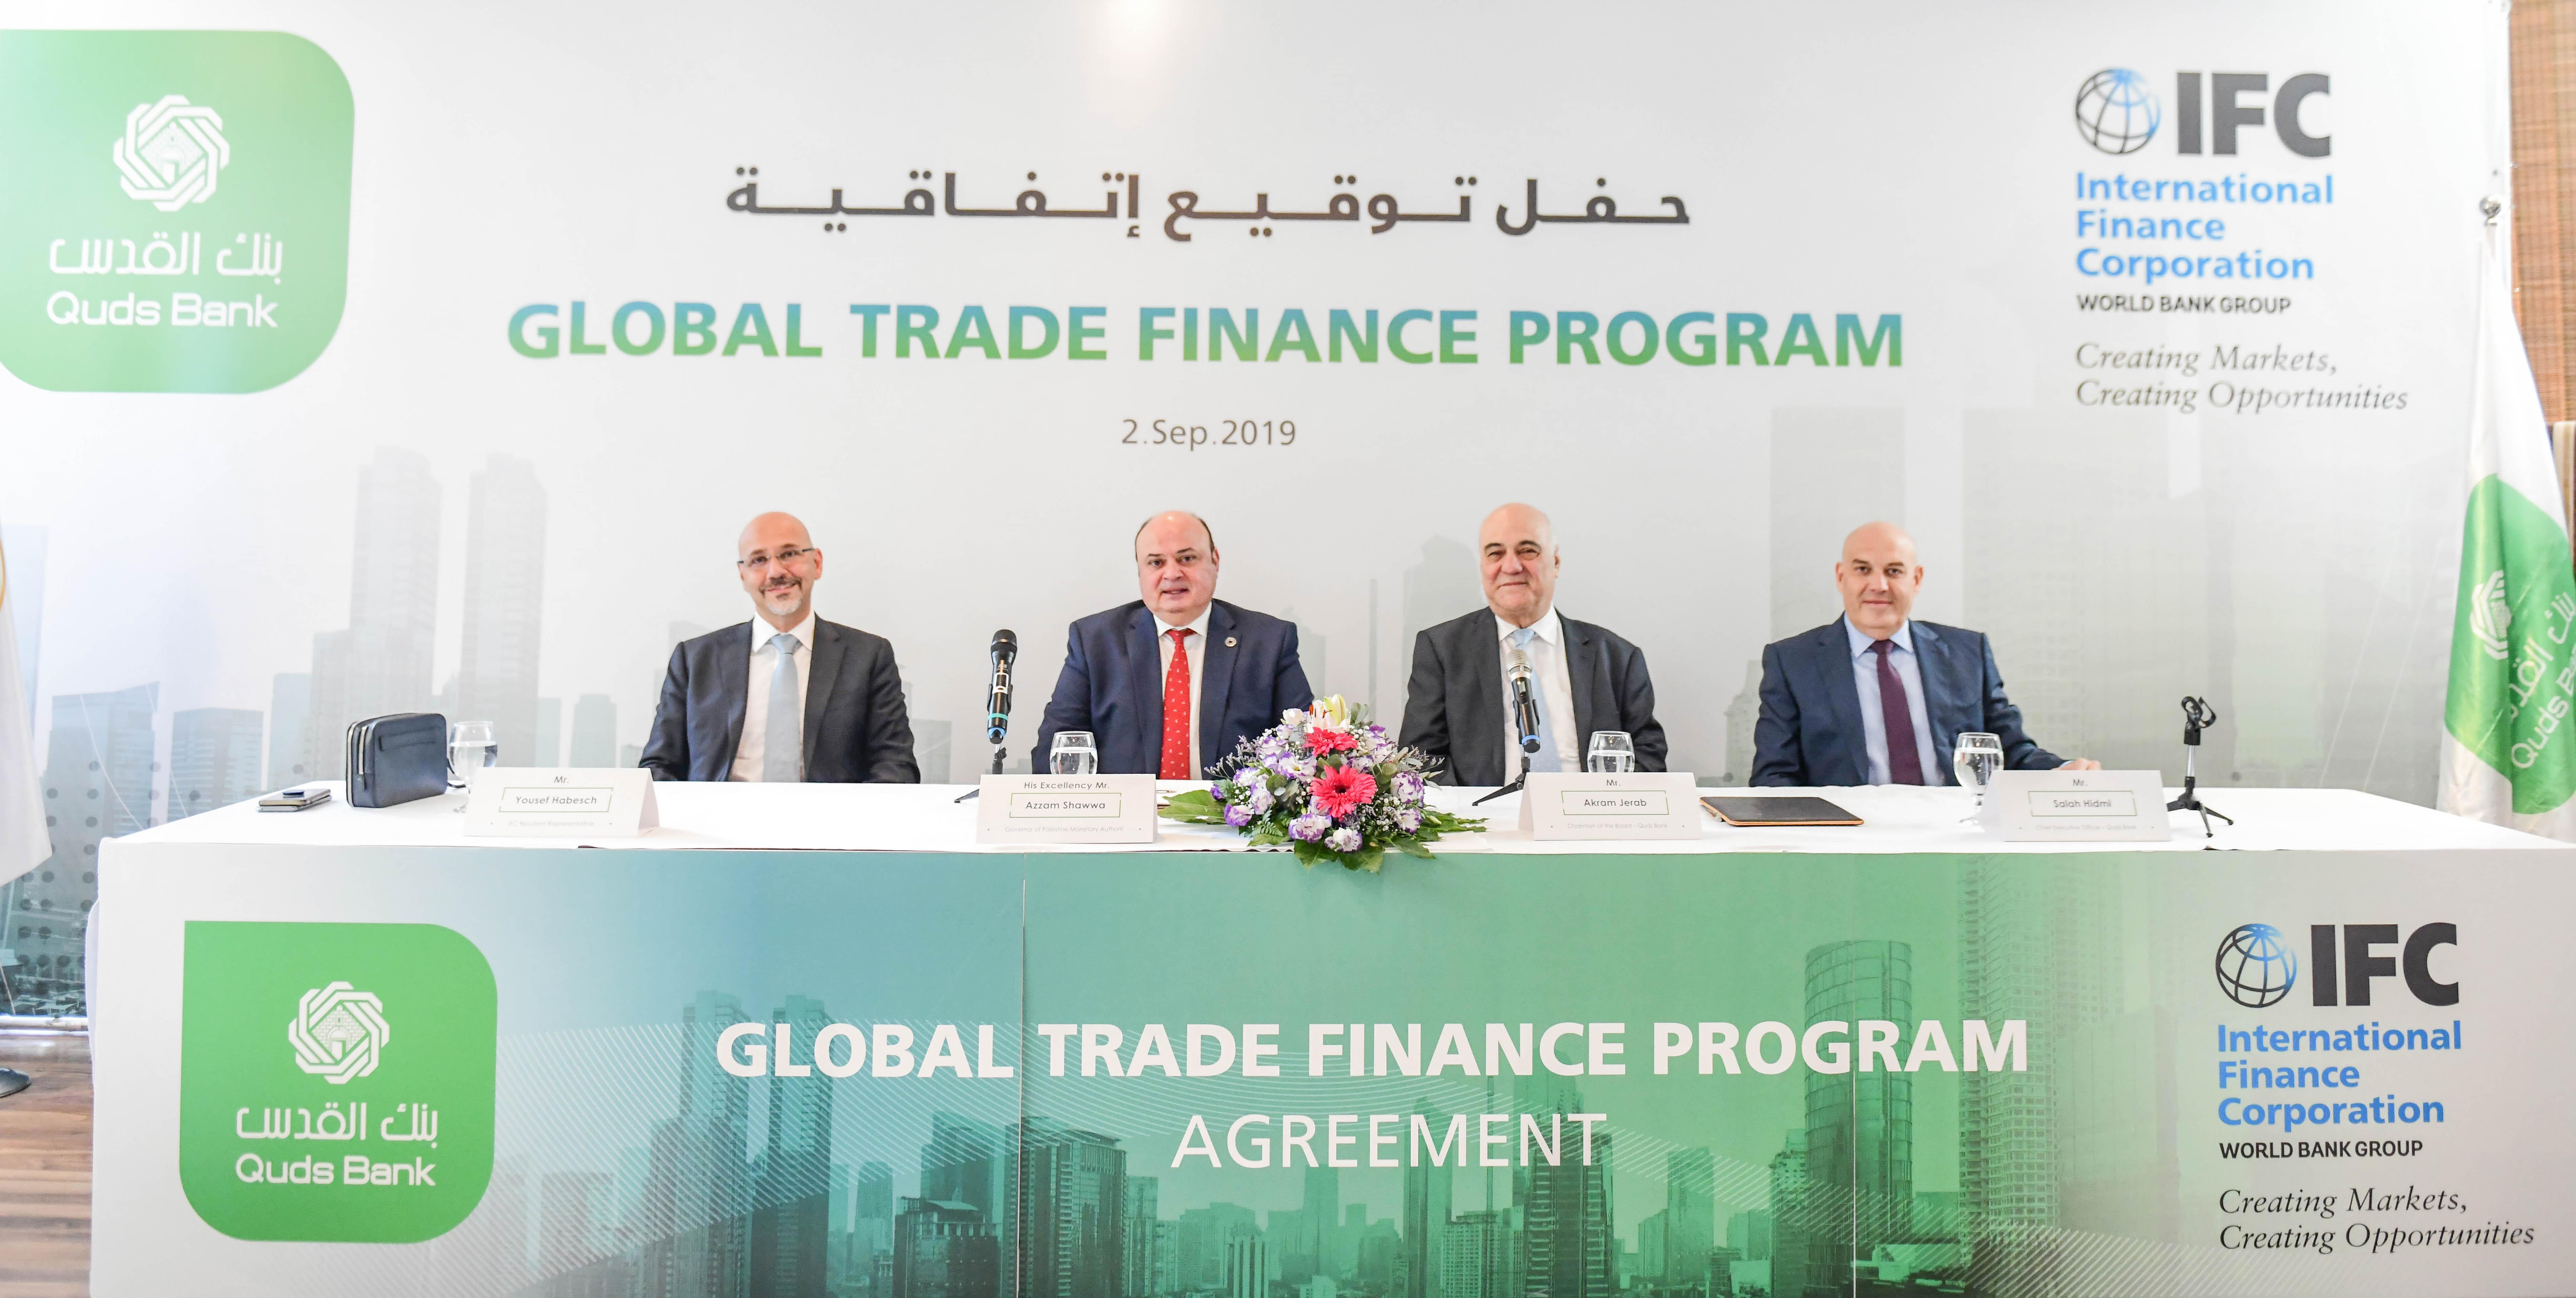 بنك القدس ومؤسسة التمويل الدولي يوقعان إتفاقية تعاون